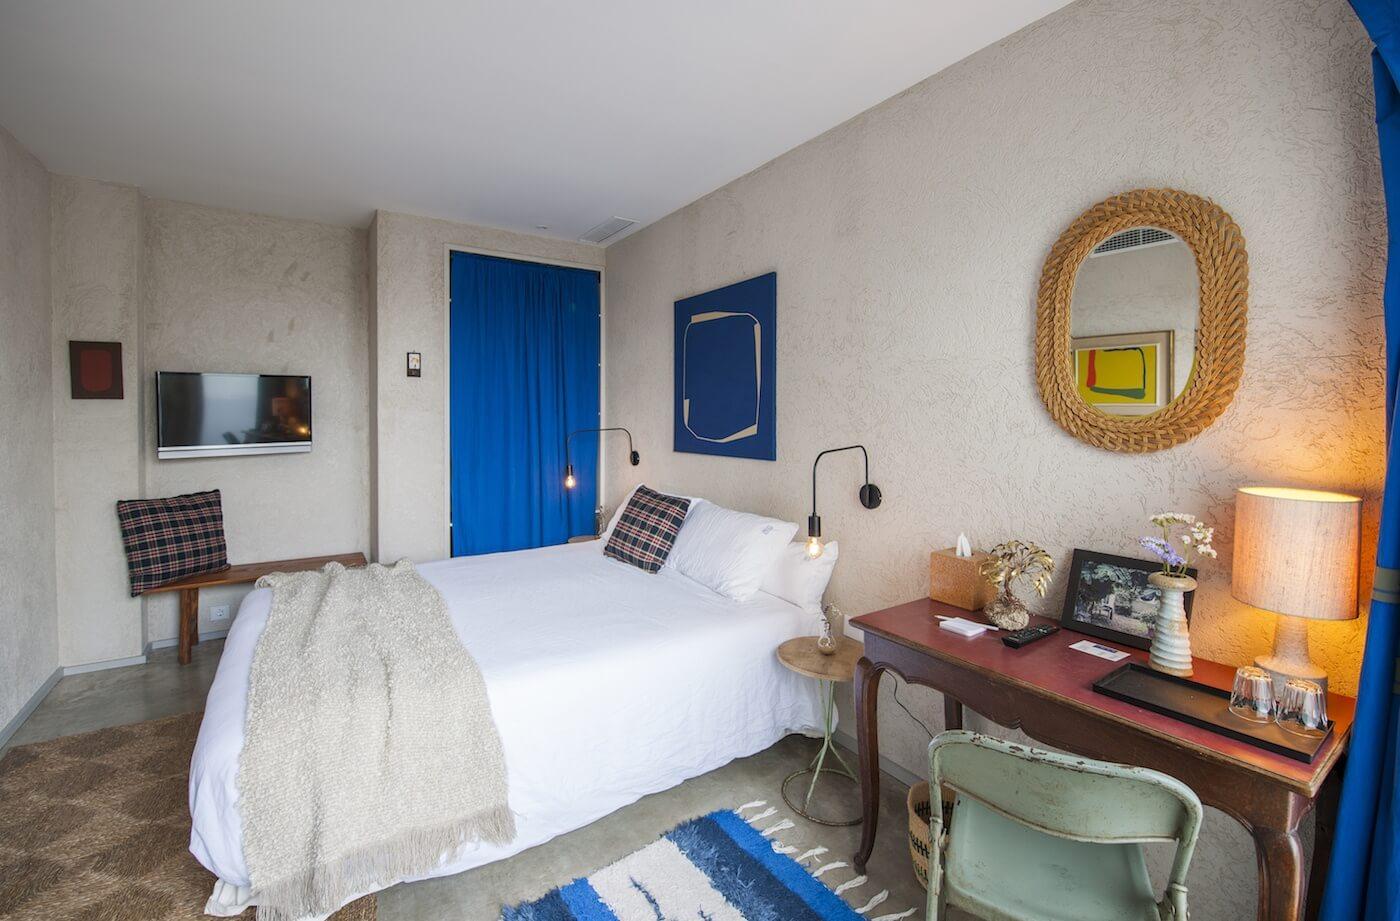 Habitación Hotel Kook en Tarifa, ejemplo contrario de los errores interiorismo alojamiento rural